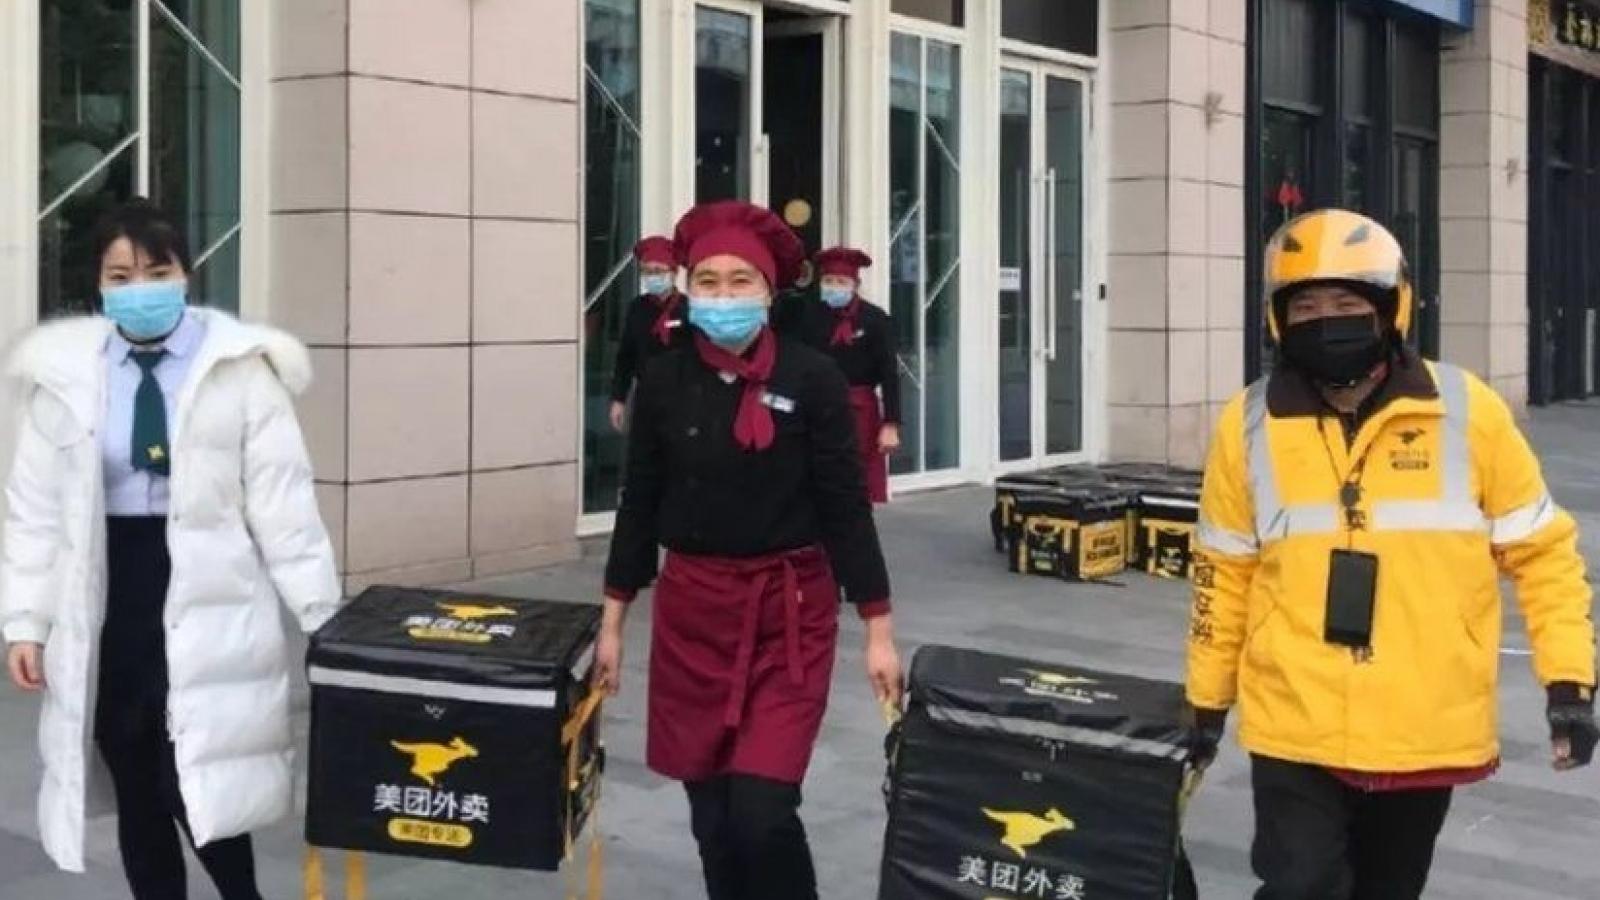 Kinh nghiệm giao hàng (ship) cho mua bán trực tuyến thời Covid-19 ở Trung Quốc